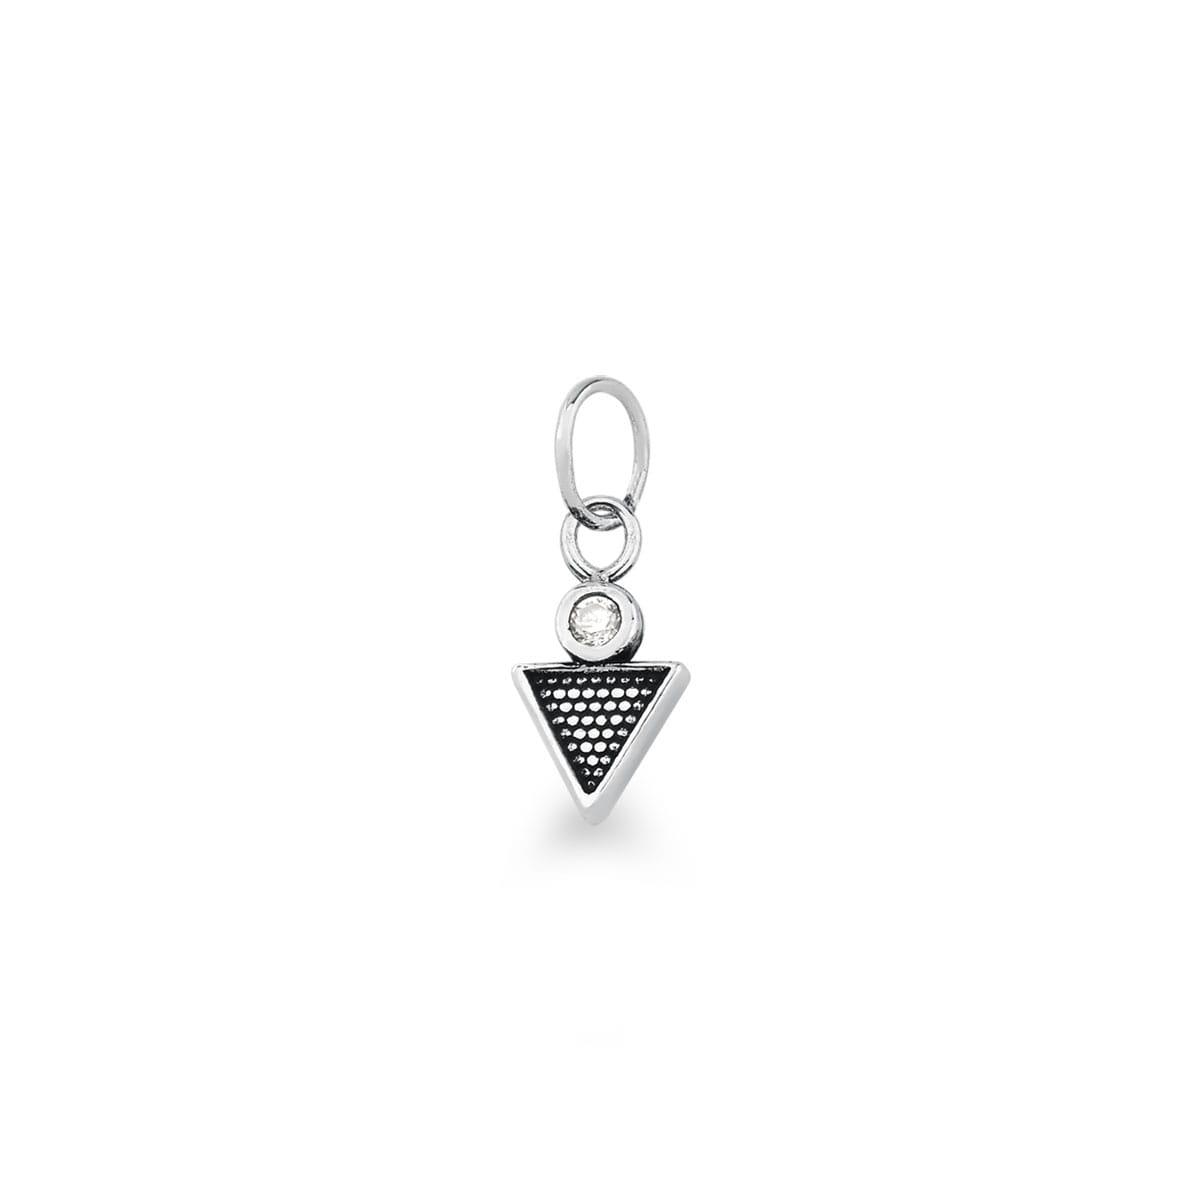 Pingente Triangular com Ponto de Luz em Prata Envelhecida